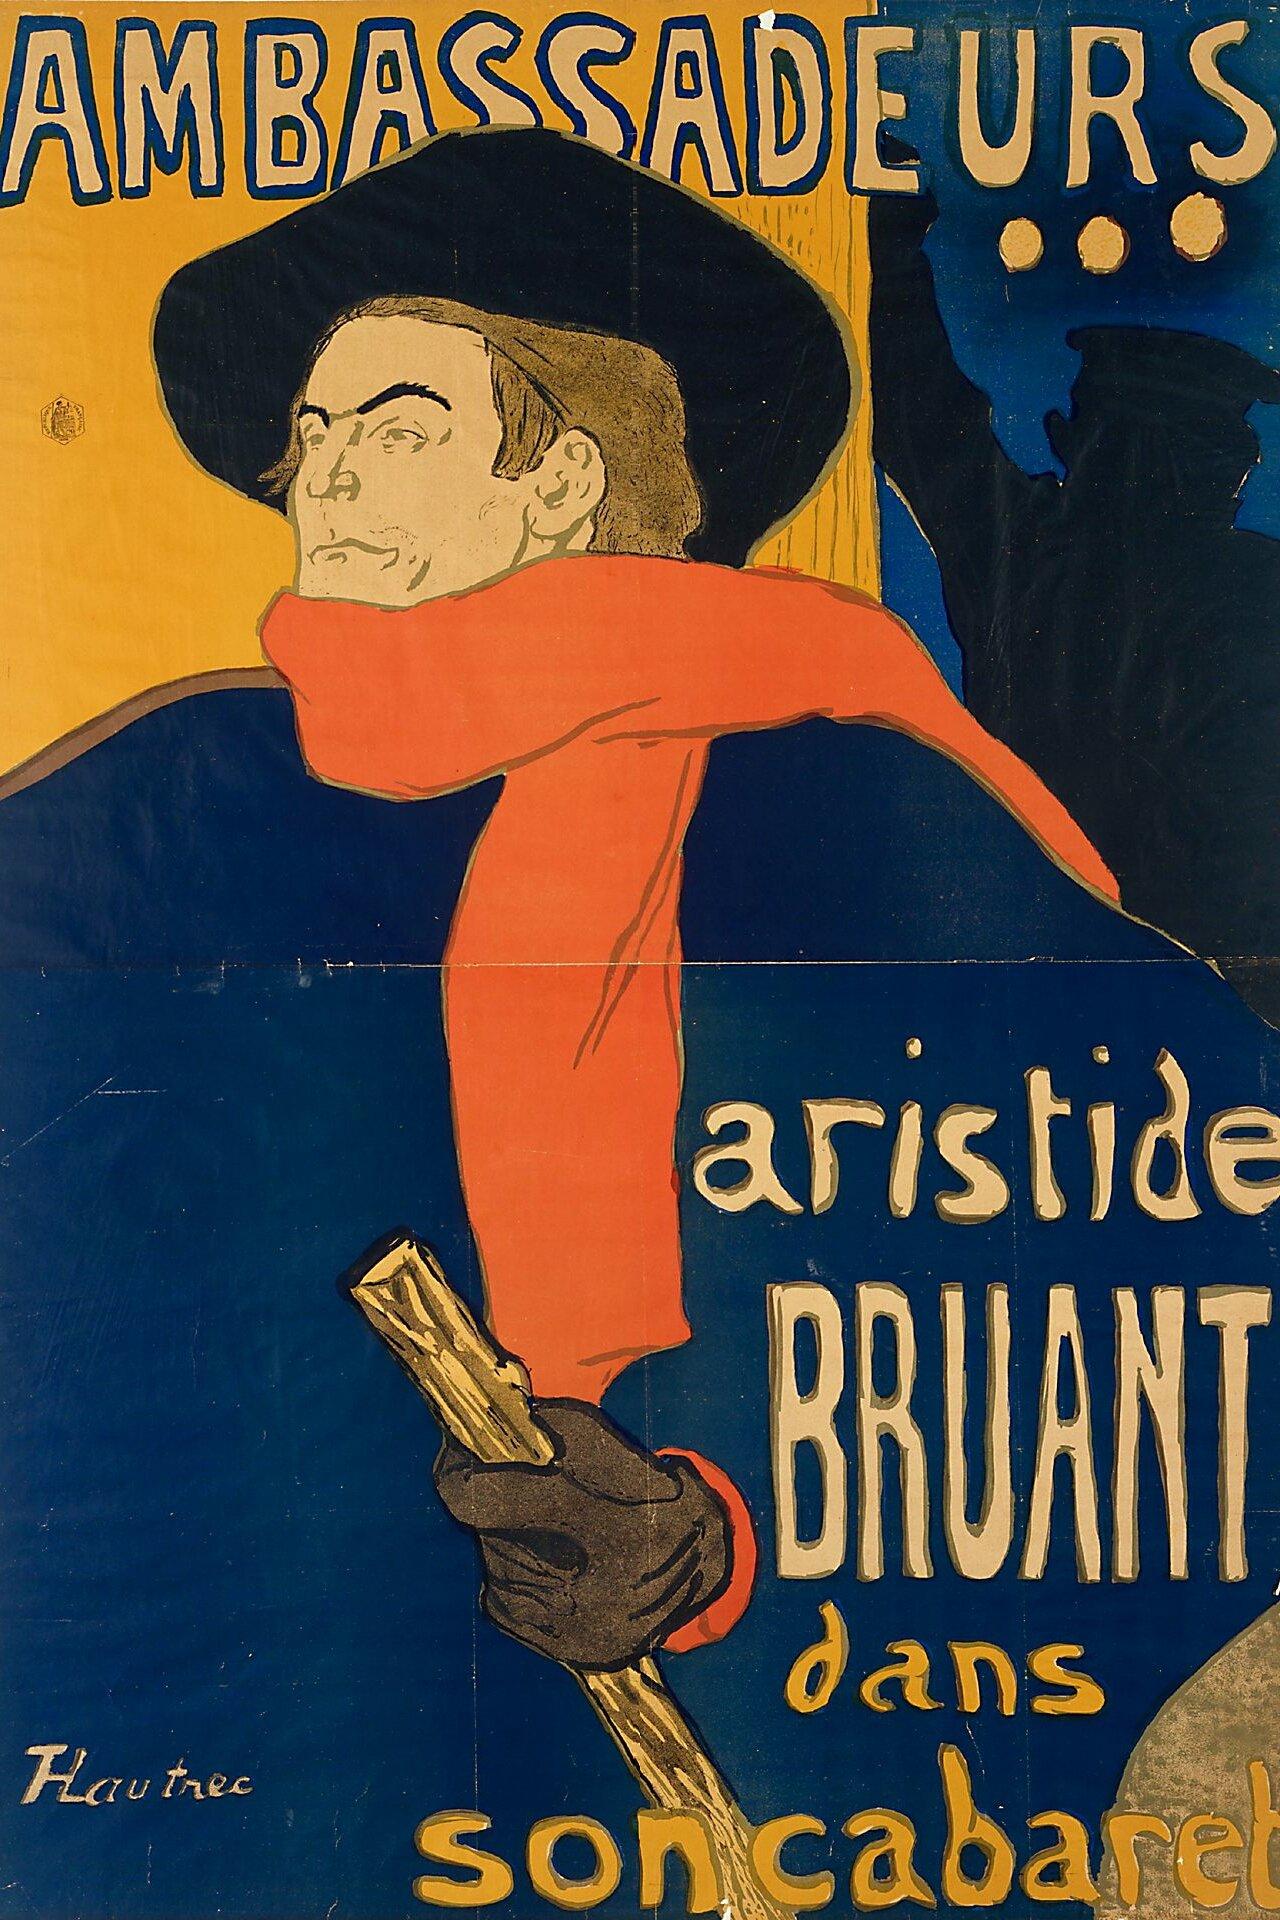 grandes variétés performance fiable super pas cher se compare à Fichier:Lautrec Ambassadeurs Aristide Bruant.jpg — Wikipédia